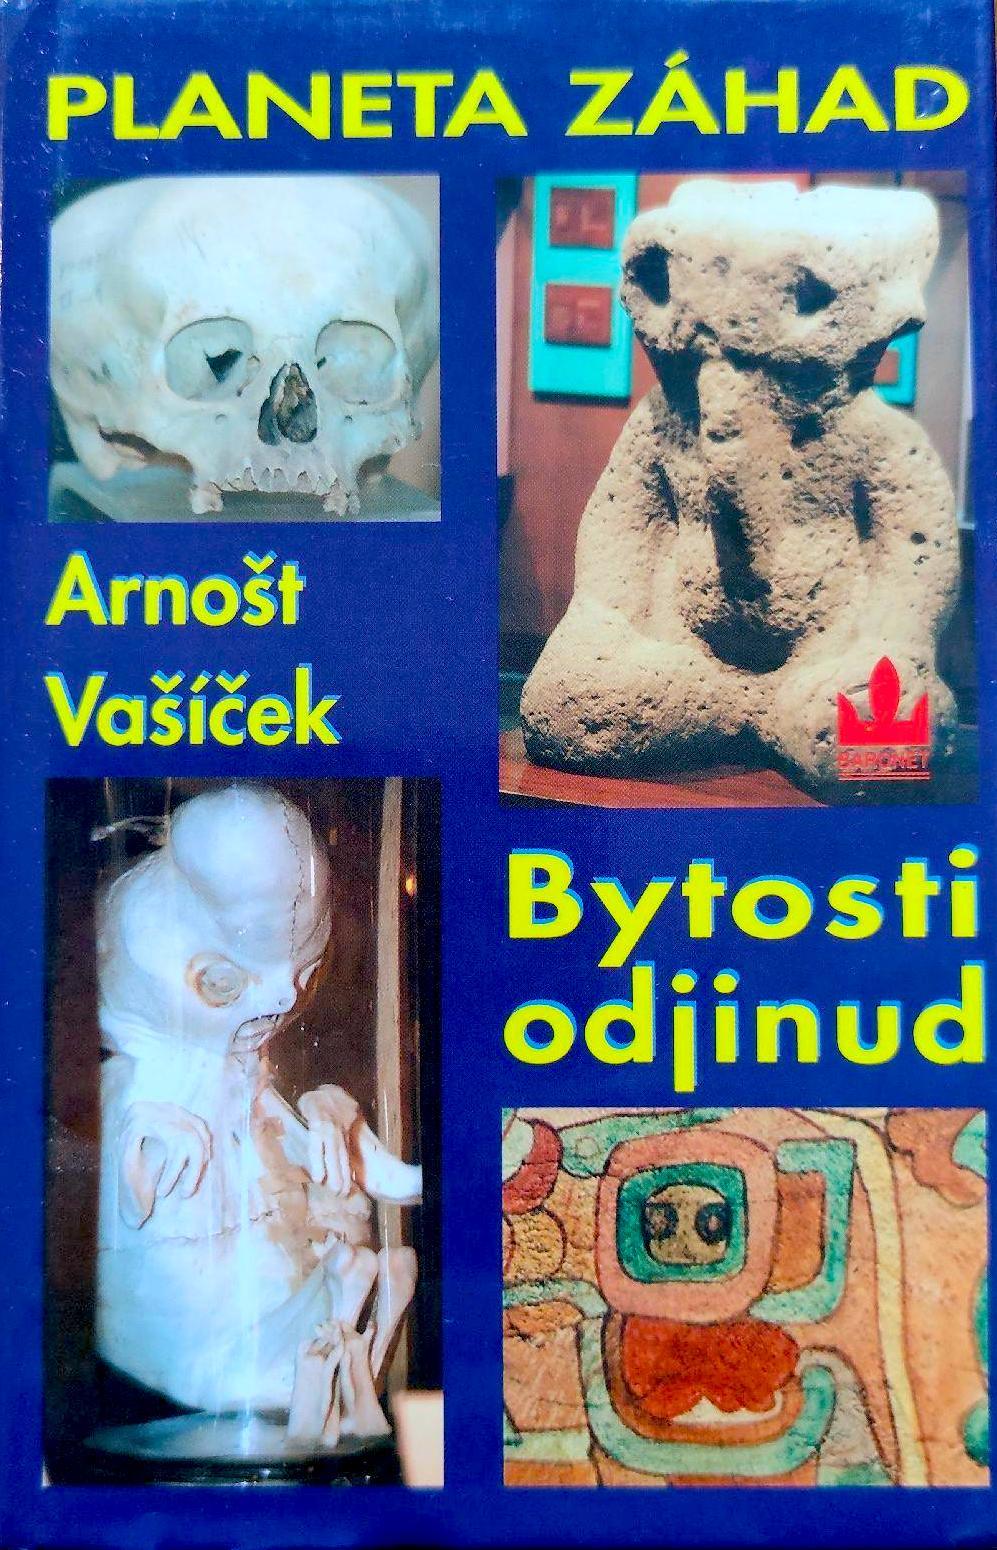 Planeta záhad - Bytosti odjinud - Arnošt Vašíček /bazarové zboží/